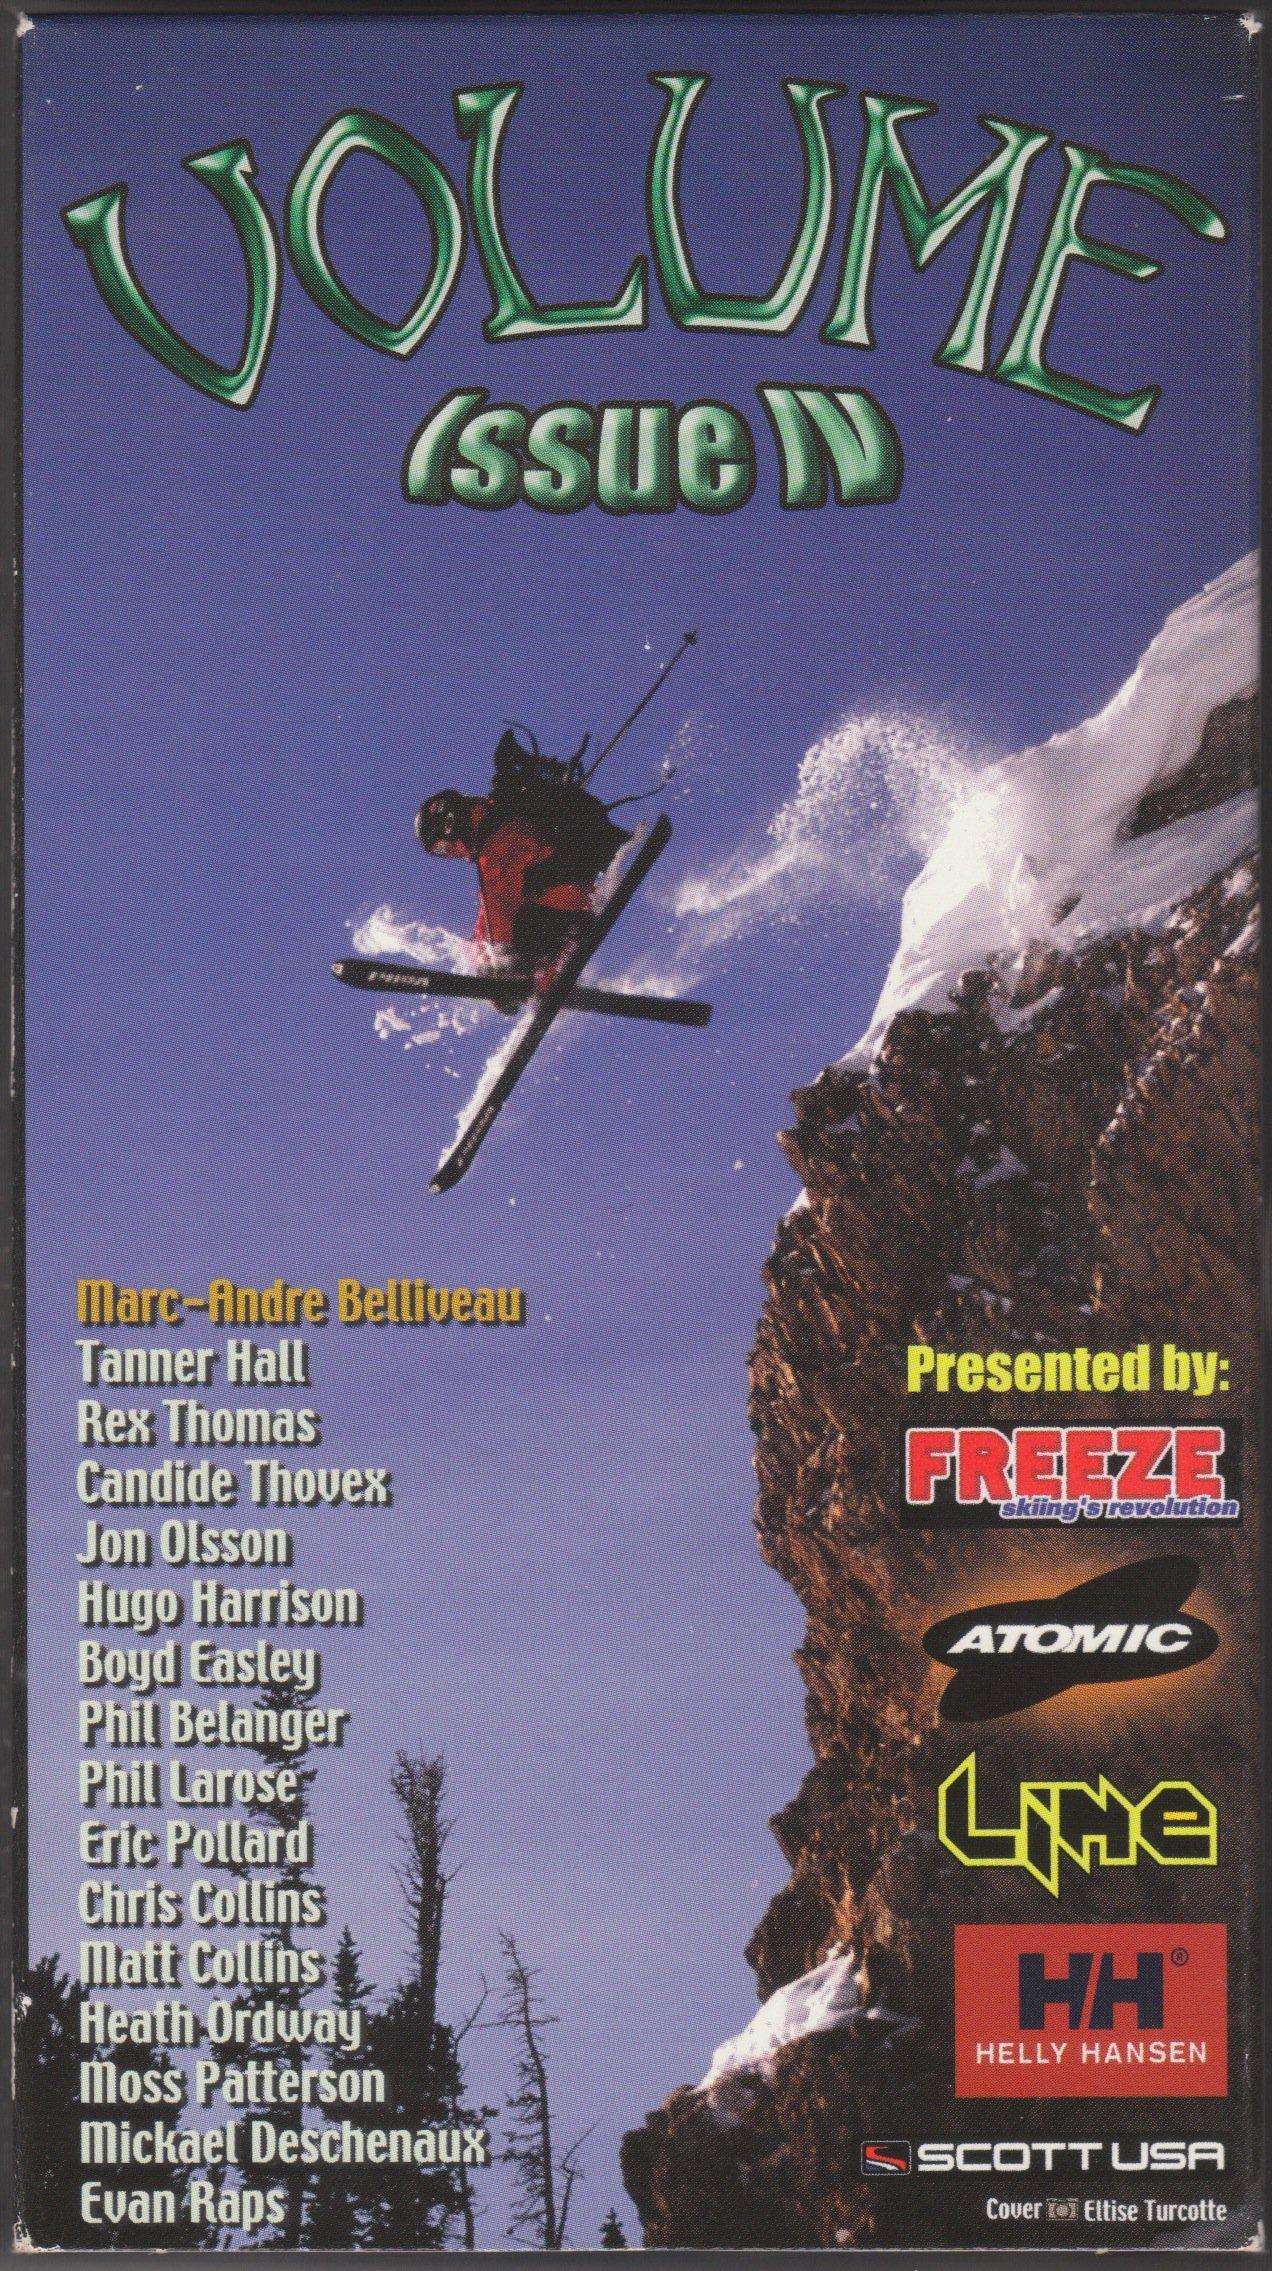 Volume Video Magazine - Issue #4 (2001)